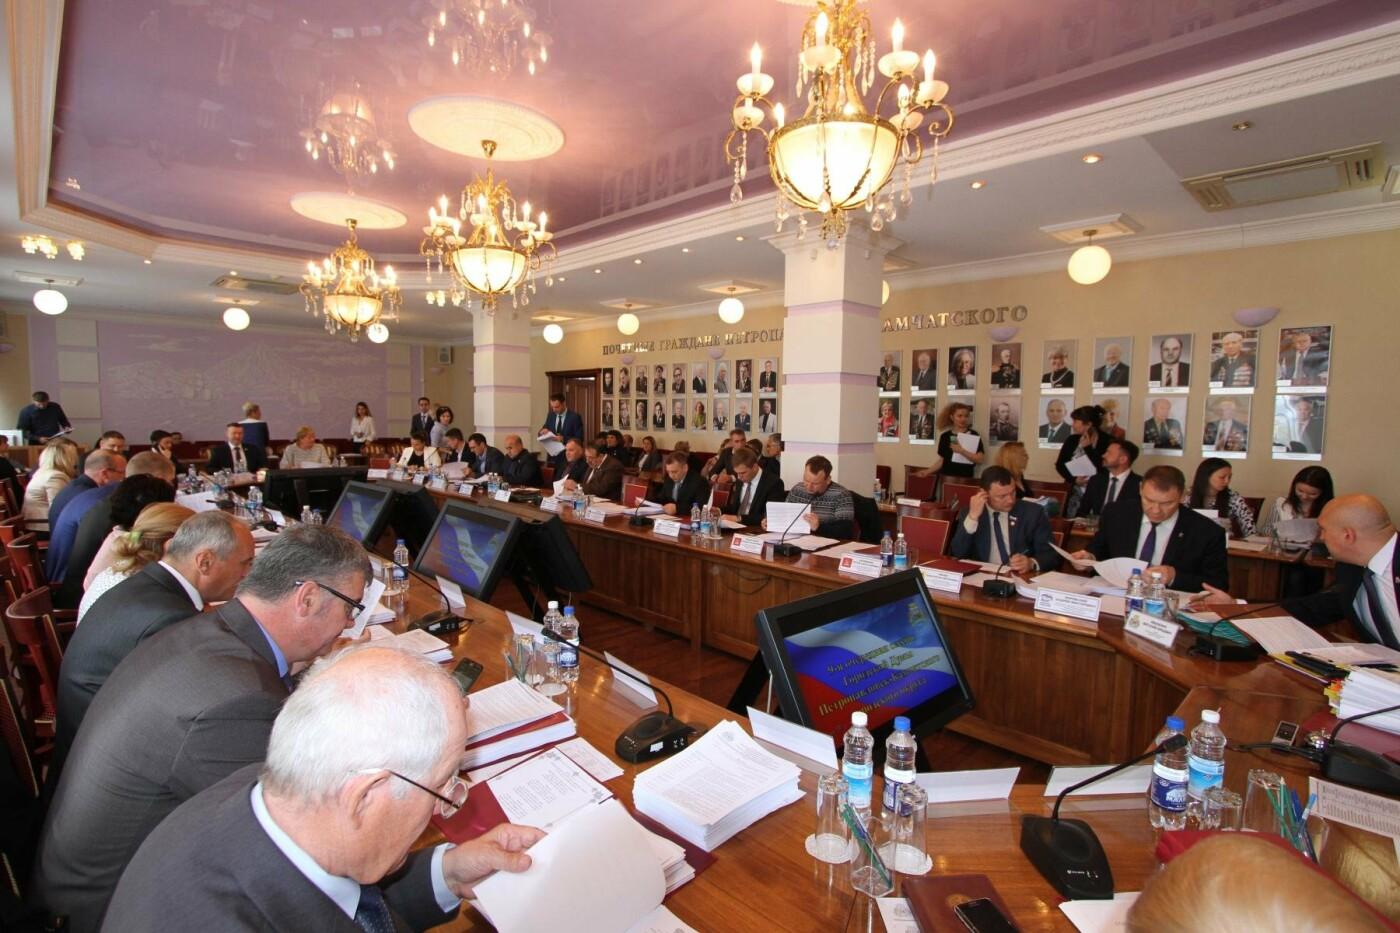 Мэр Петропавловска отчитался о работе администрации за 2017 год, фото-1